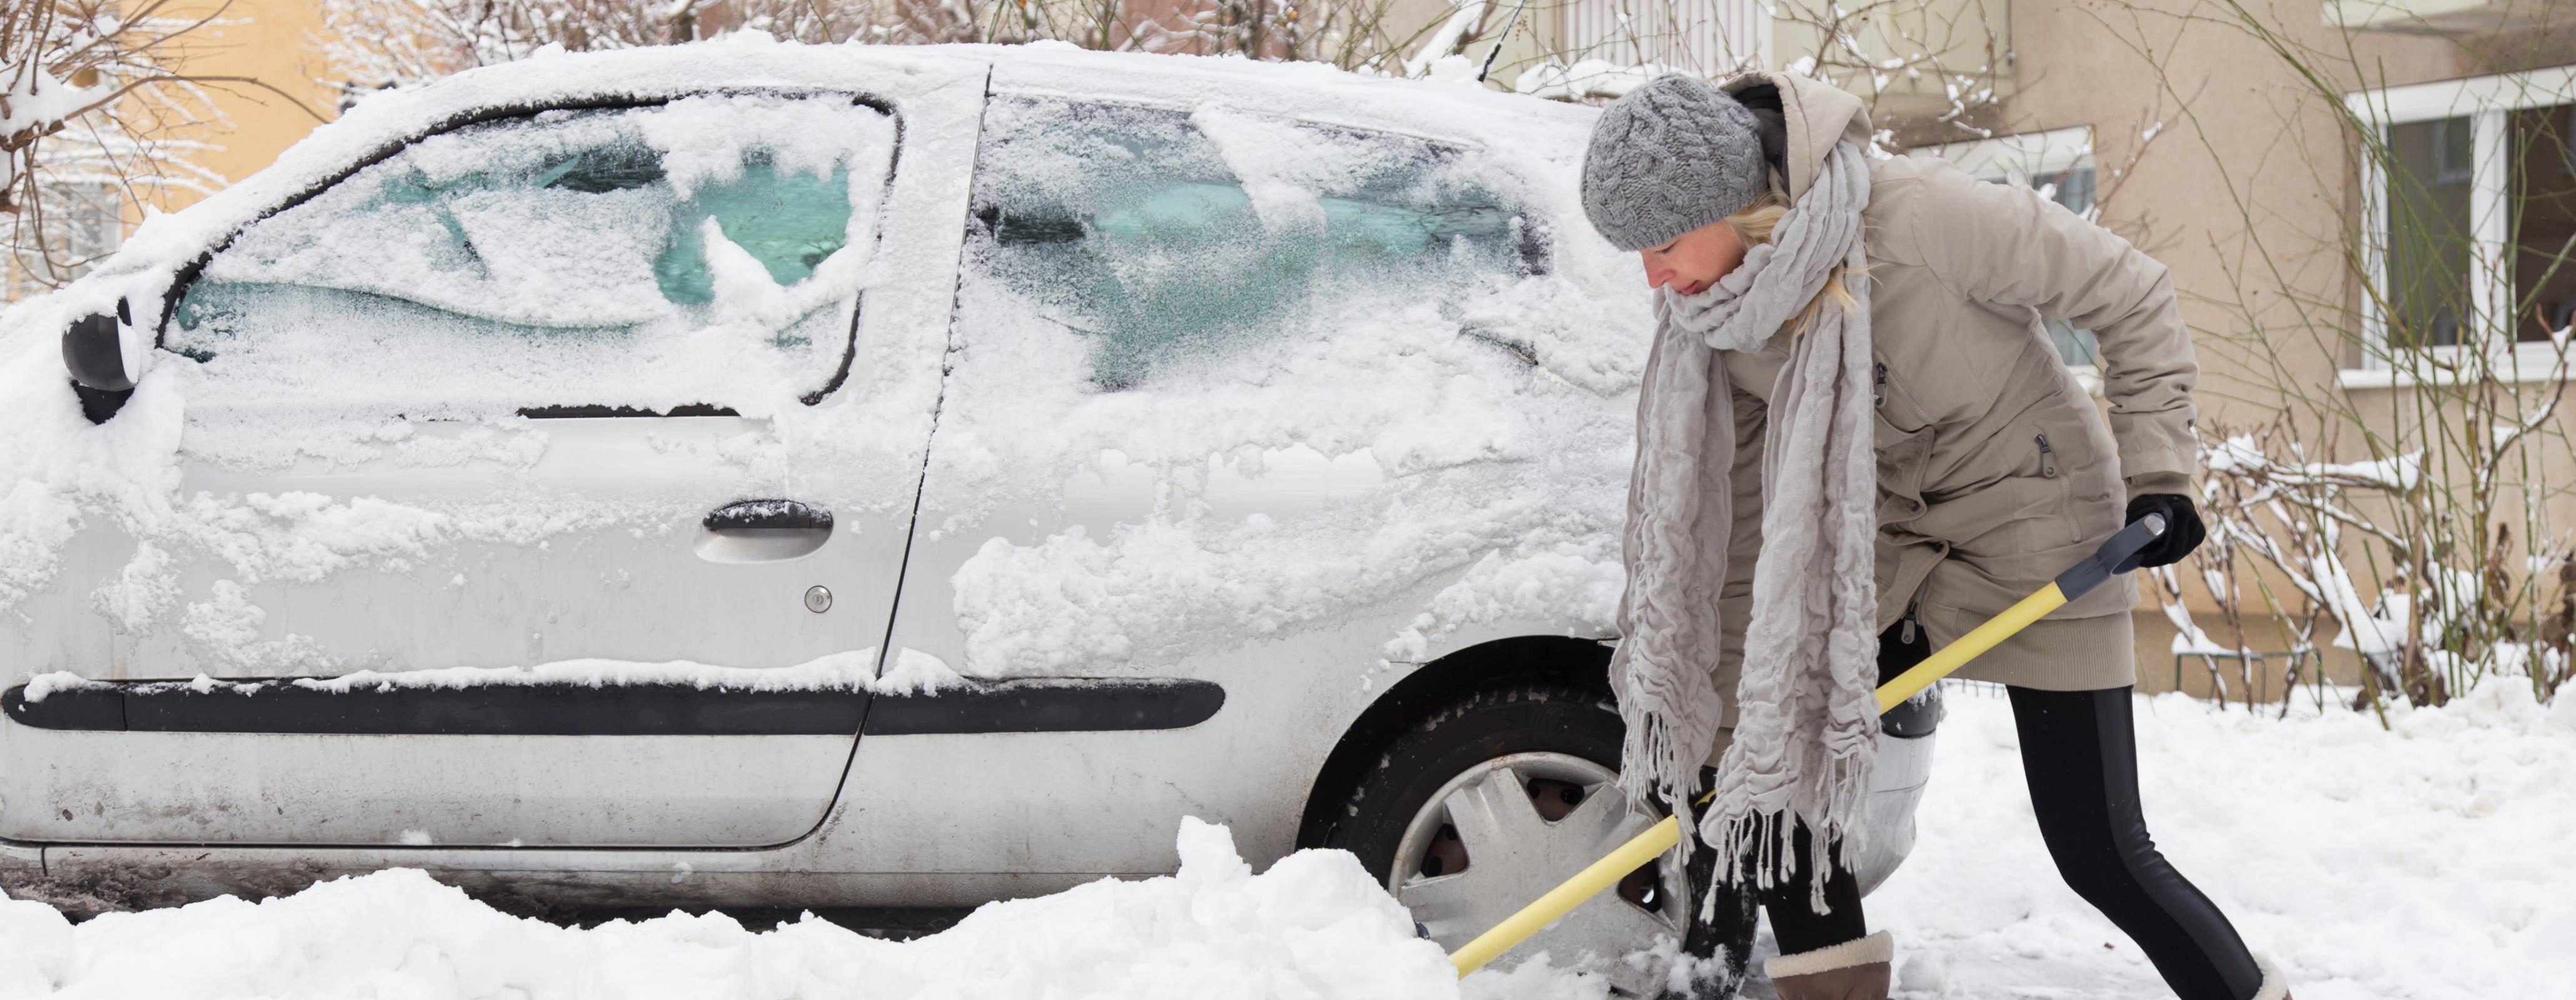 Vrouw schept sneeuw weg bij auto